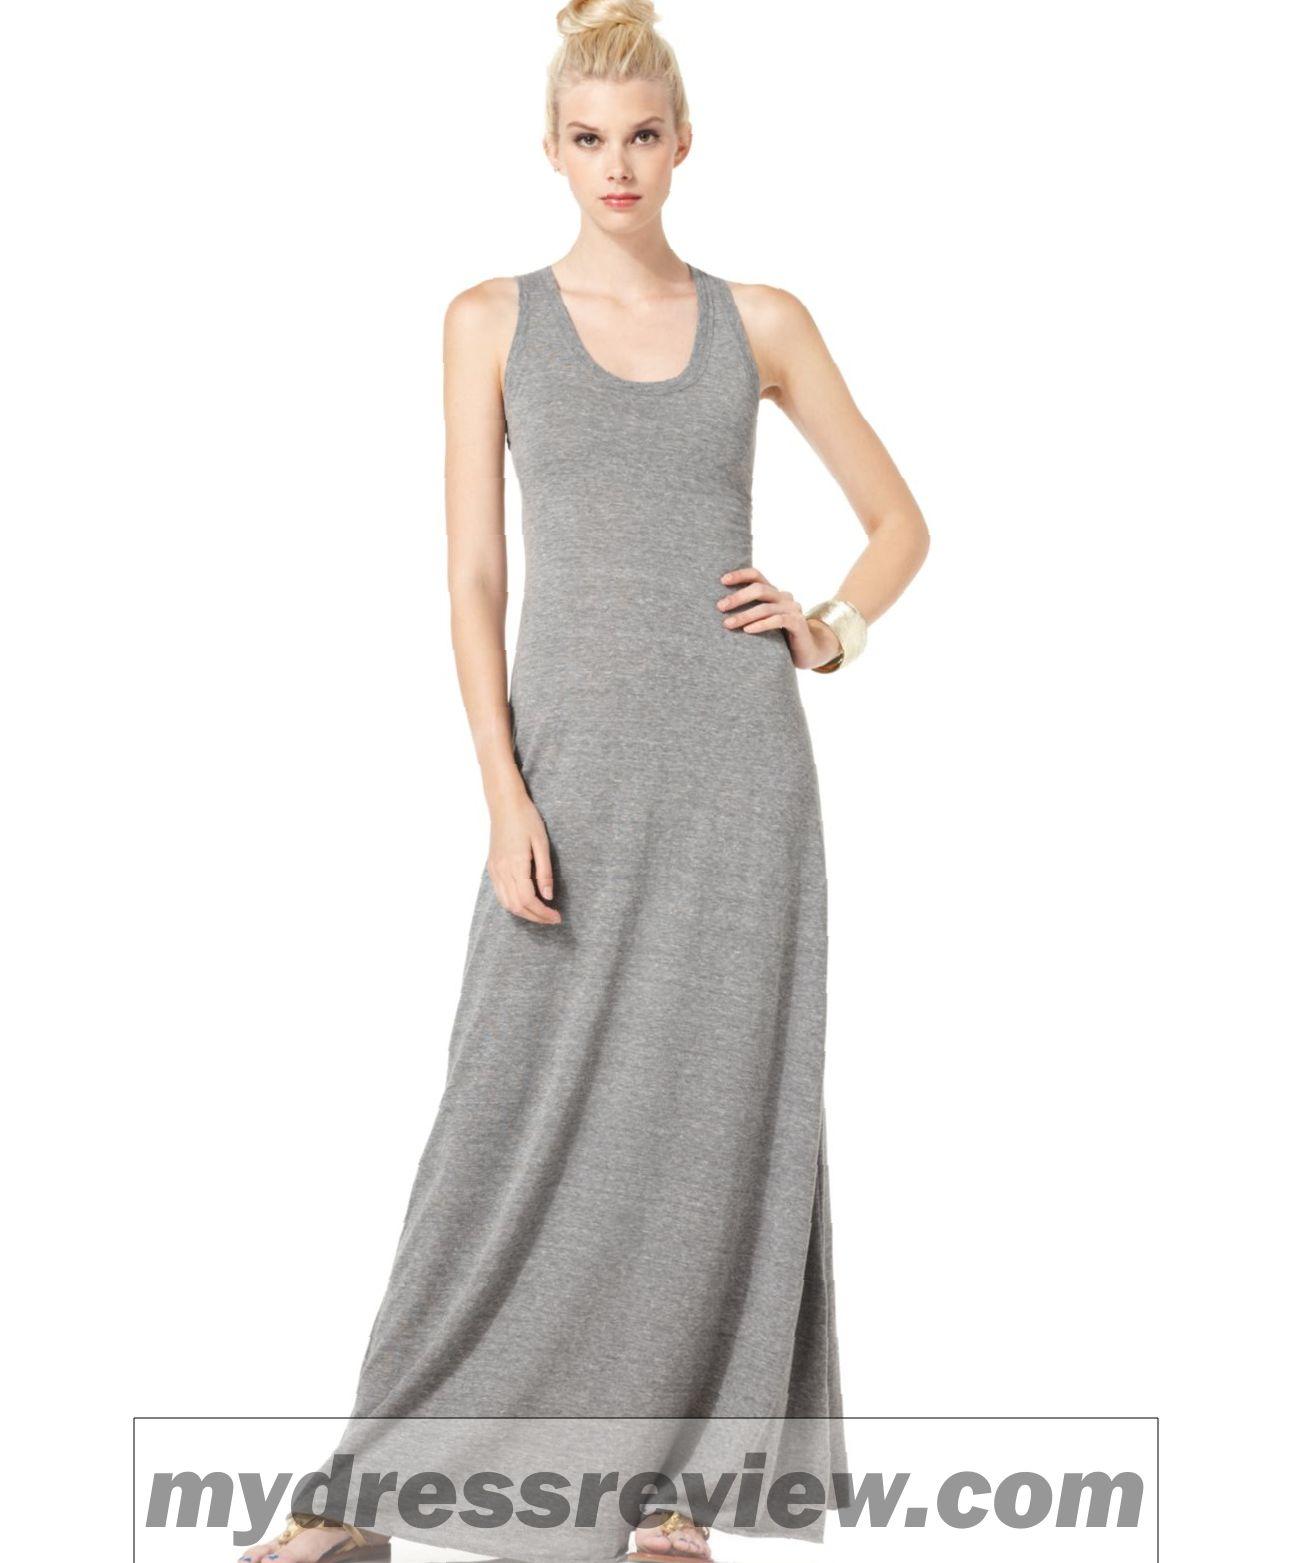 Alternative Apparel Maxi Dress Overview 2017 Mydressreview